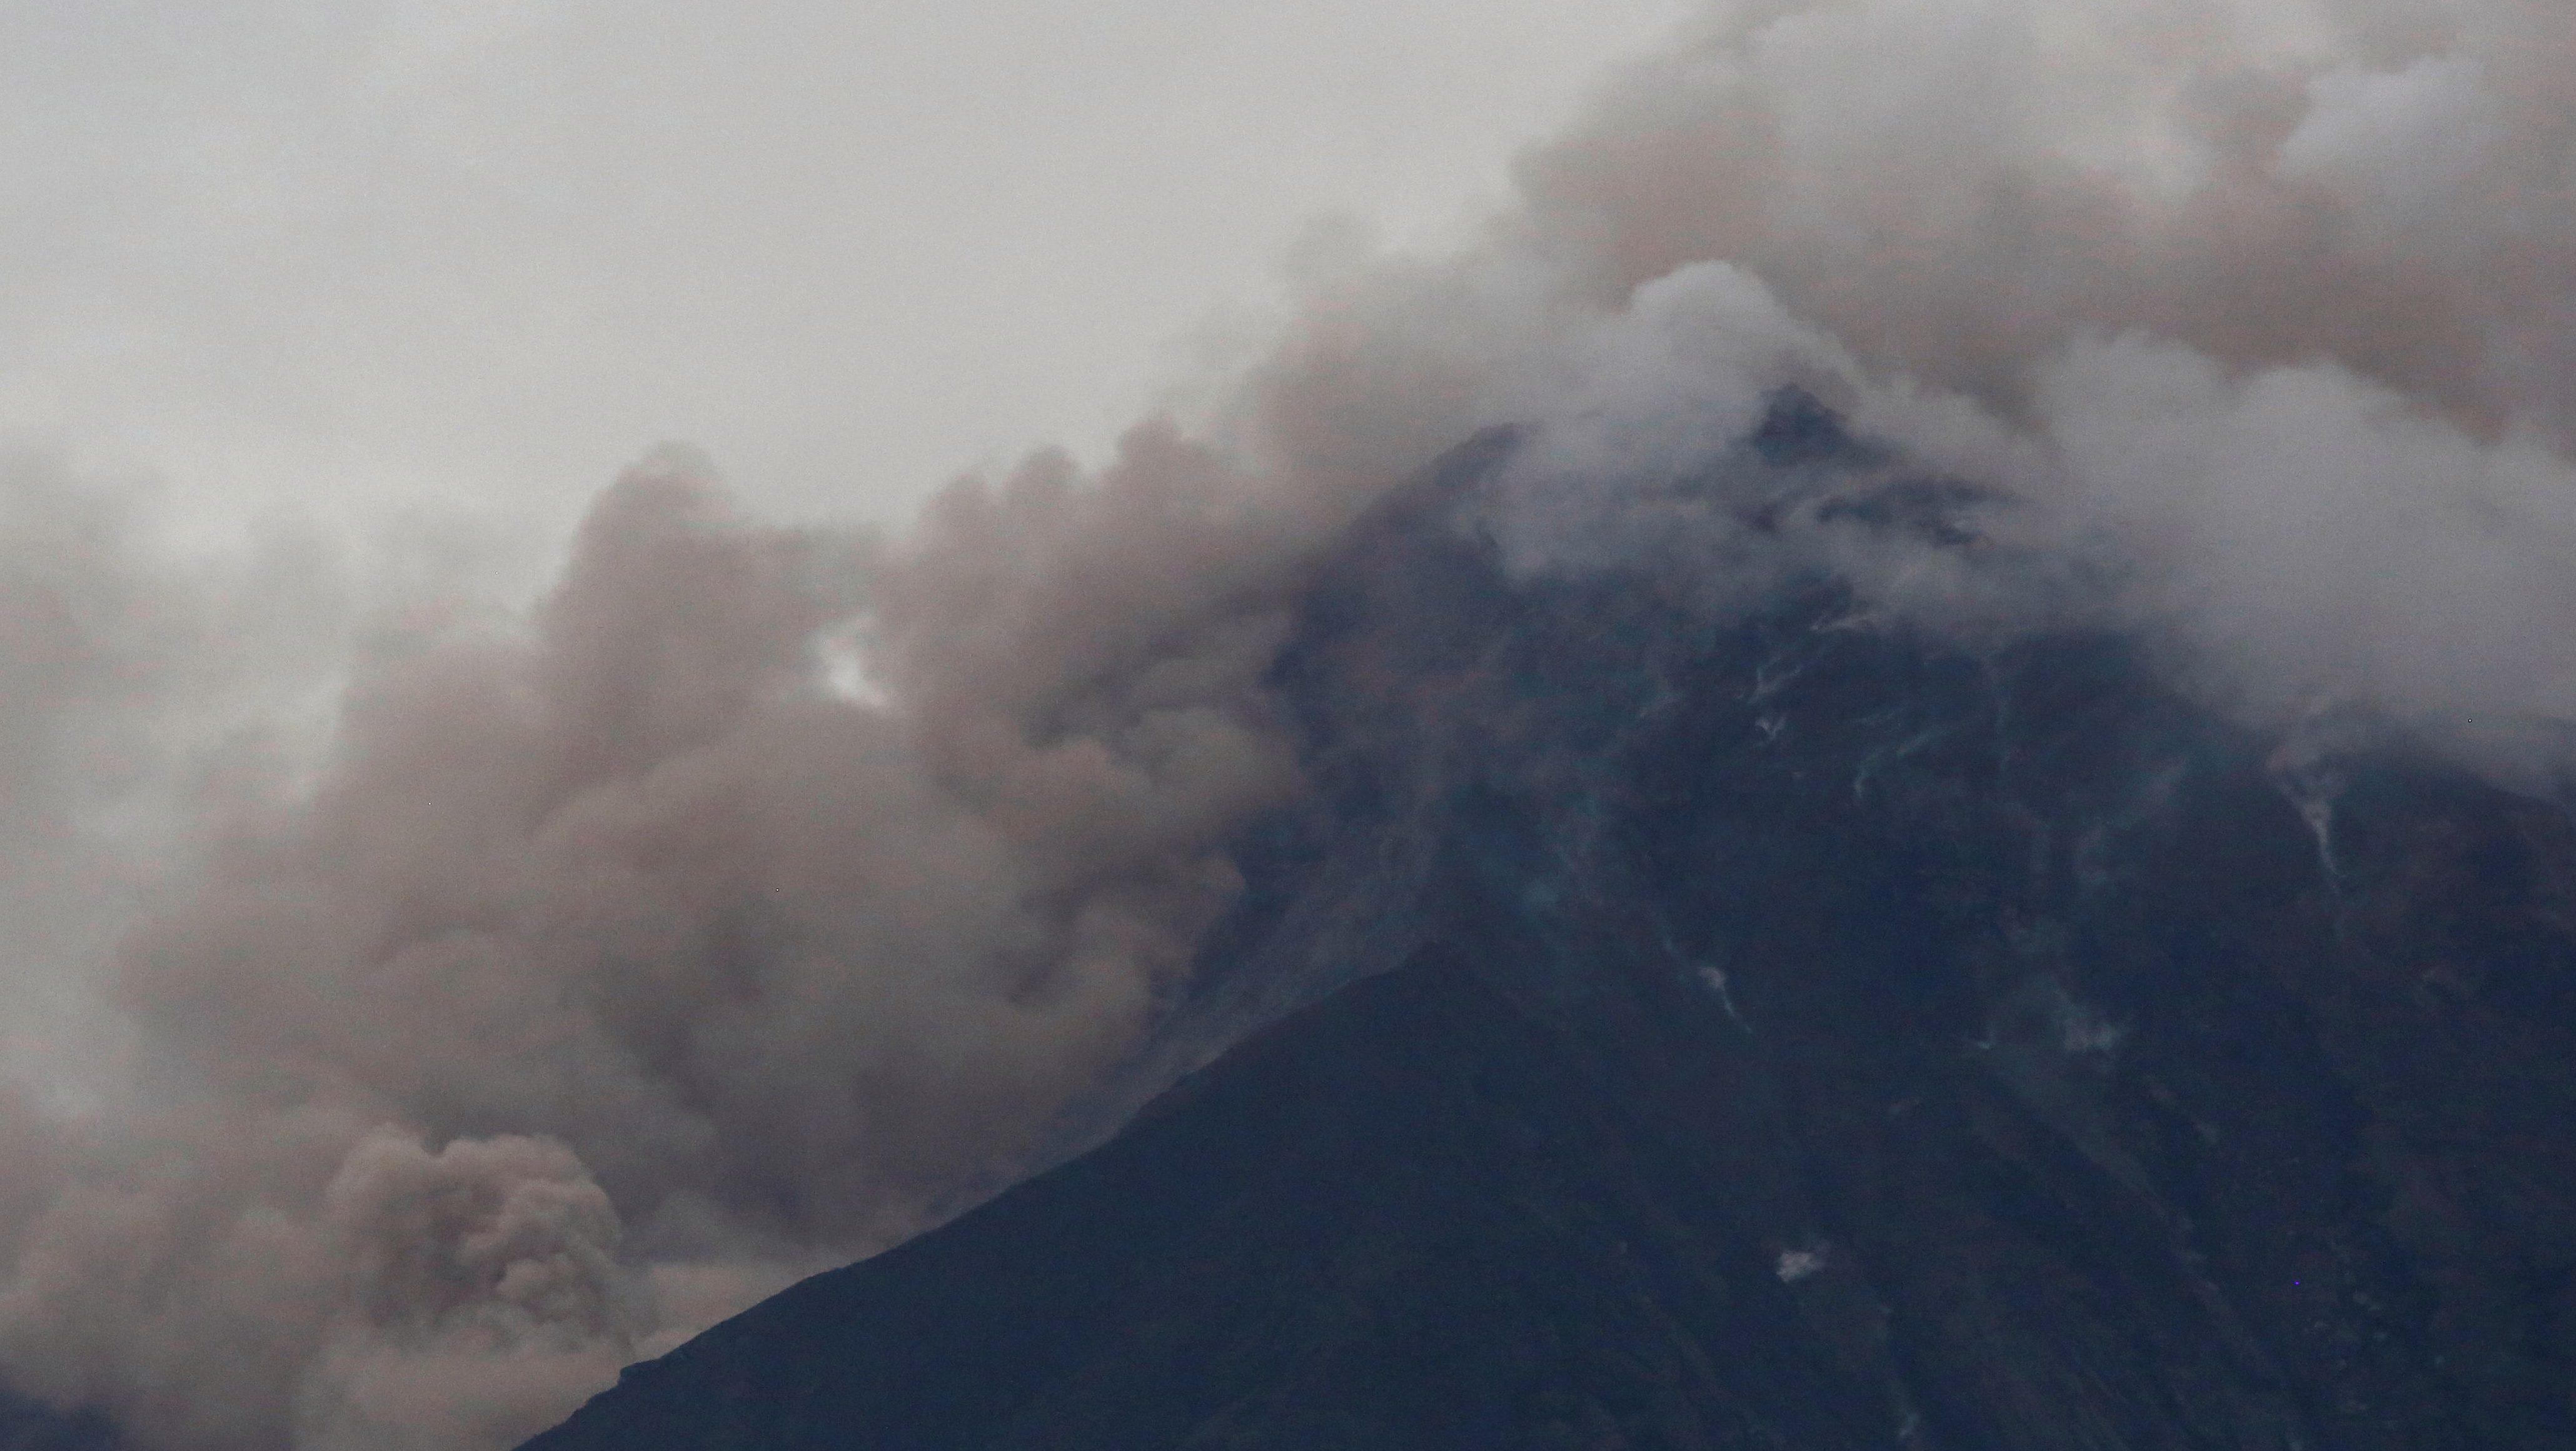 Fuego volcano is seen after a violent eruption, in San Juan Alotenango, Guatemala June 3, 2018. REUTERS/Luis Echeverria - RC1F326F30E0